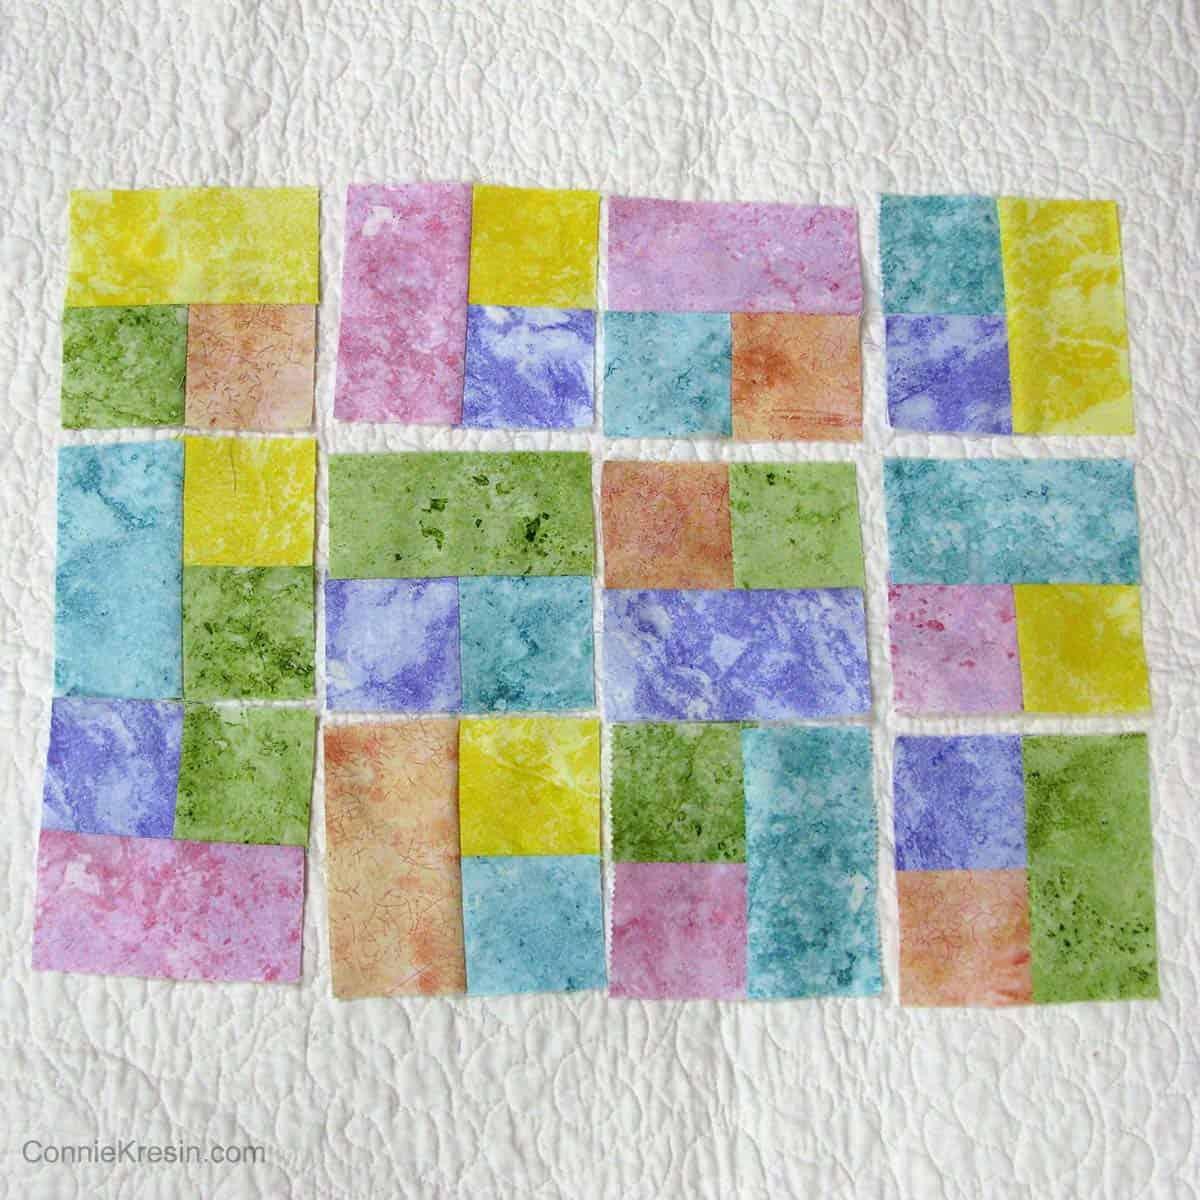 piecing blocks